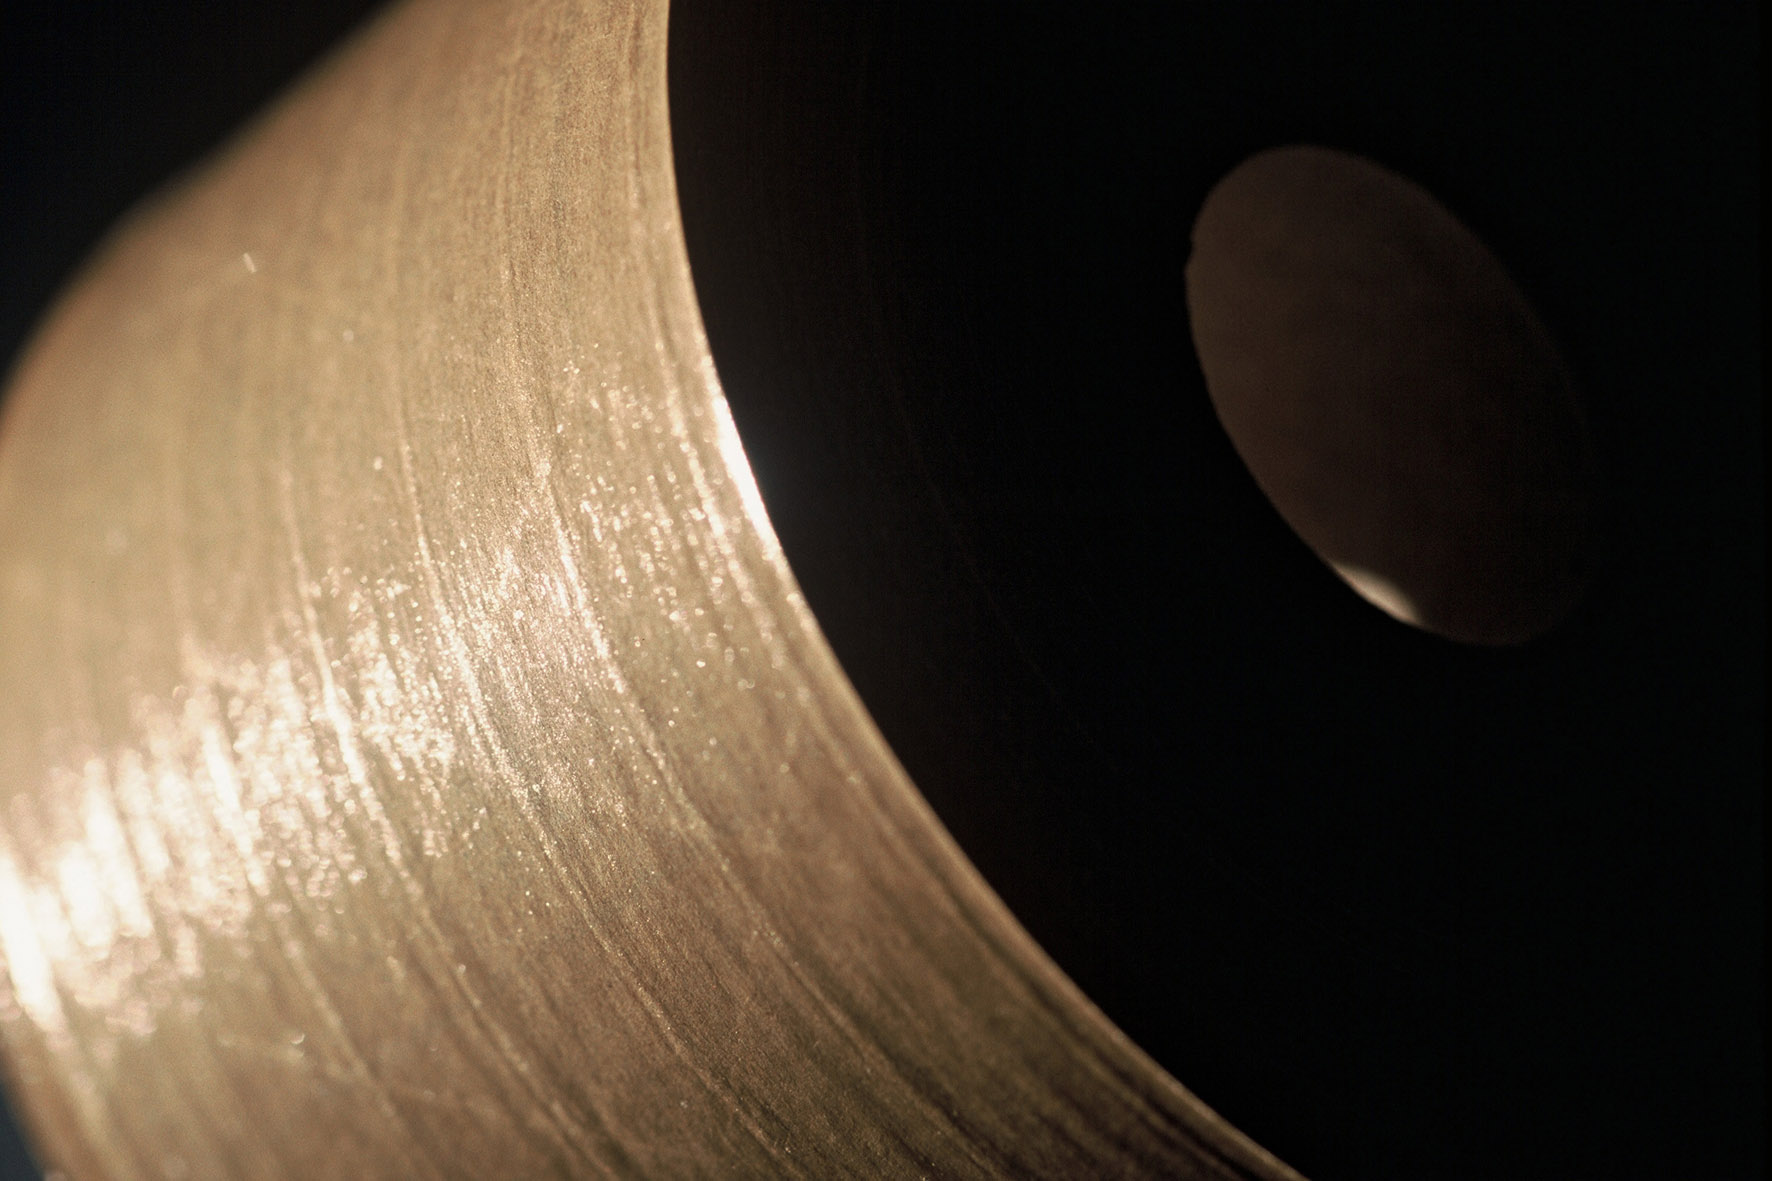 Gummed papers, Fiberforce